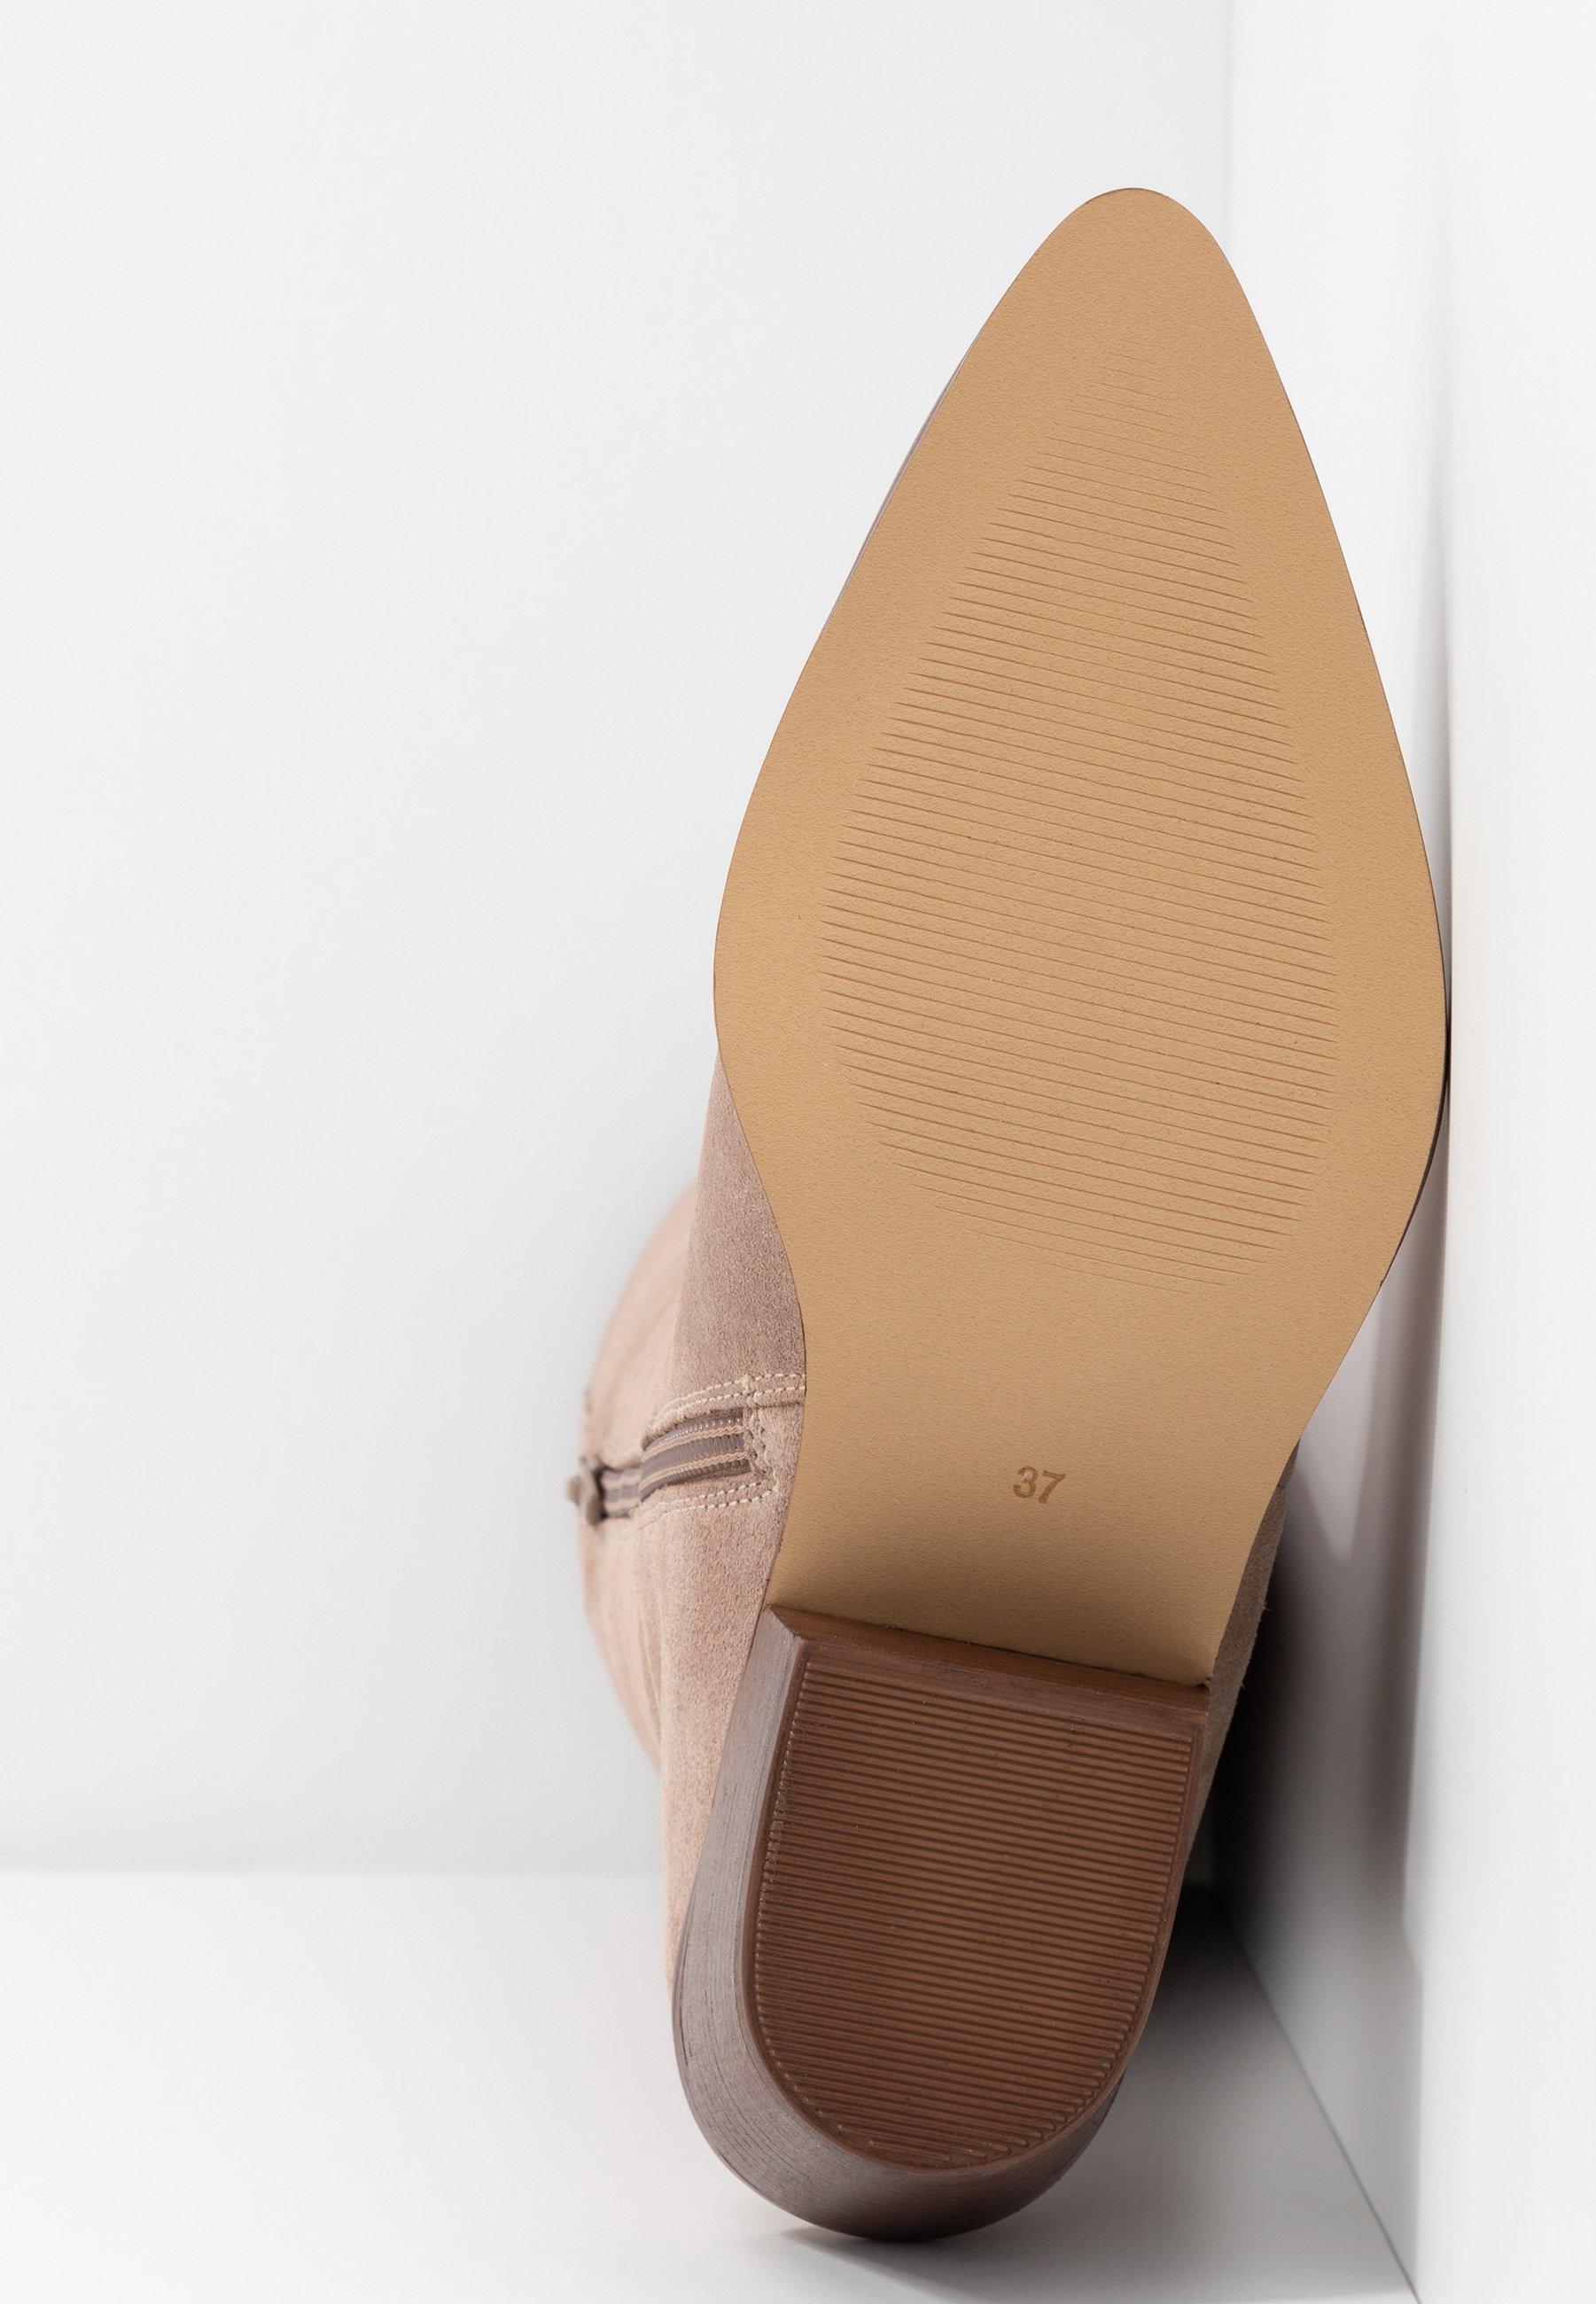 Copenhagen Shoes ROSI Overknee laarzen beige Zalando.nl